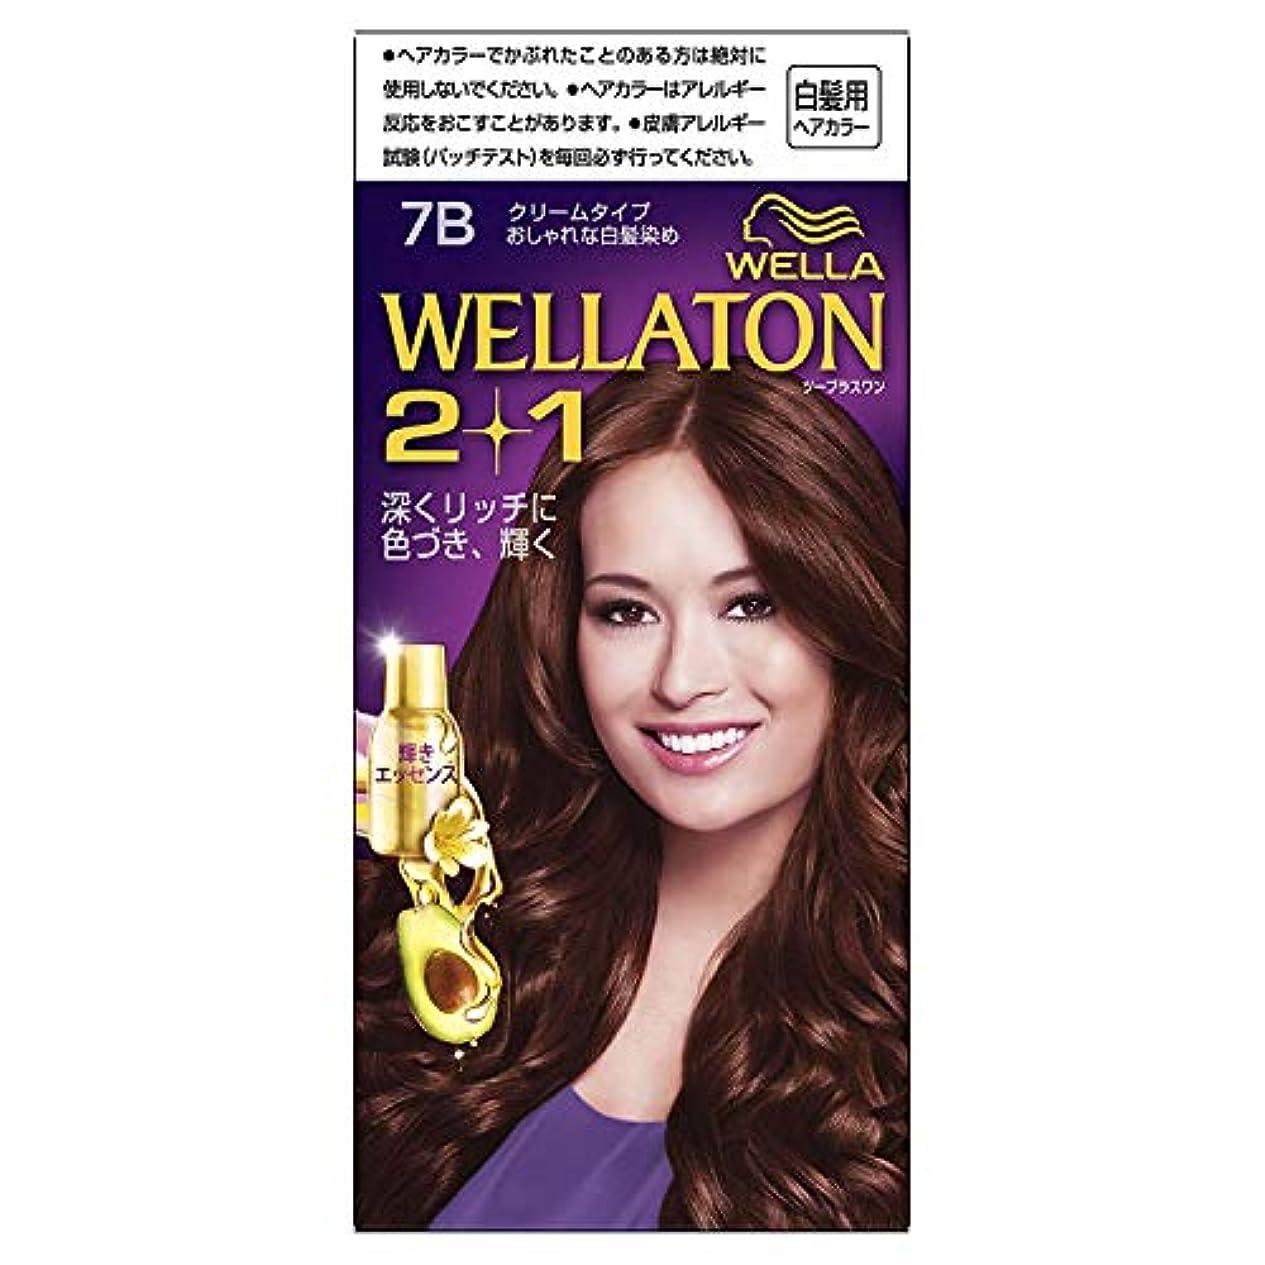 同意するバッフル偉業ウエラトーン2+1 白髪染め クリームタイプ 7B [医薬部外品]×6個